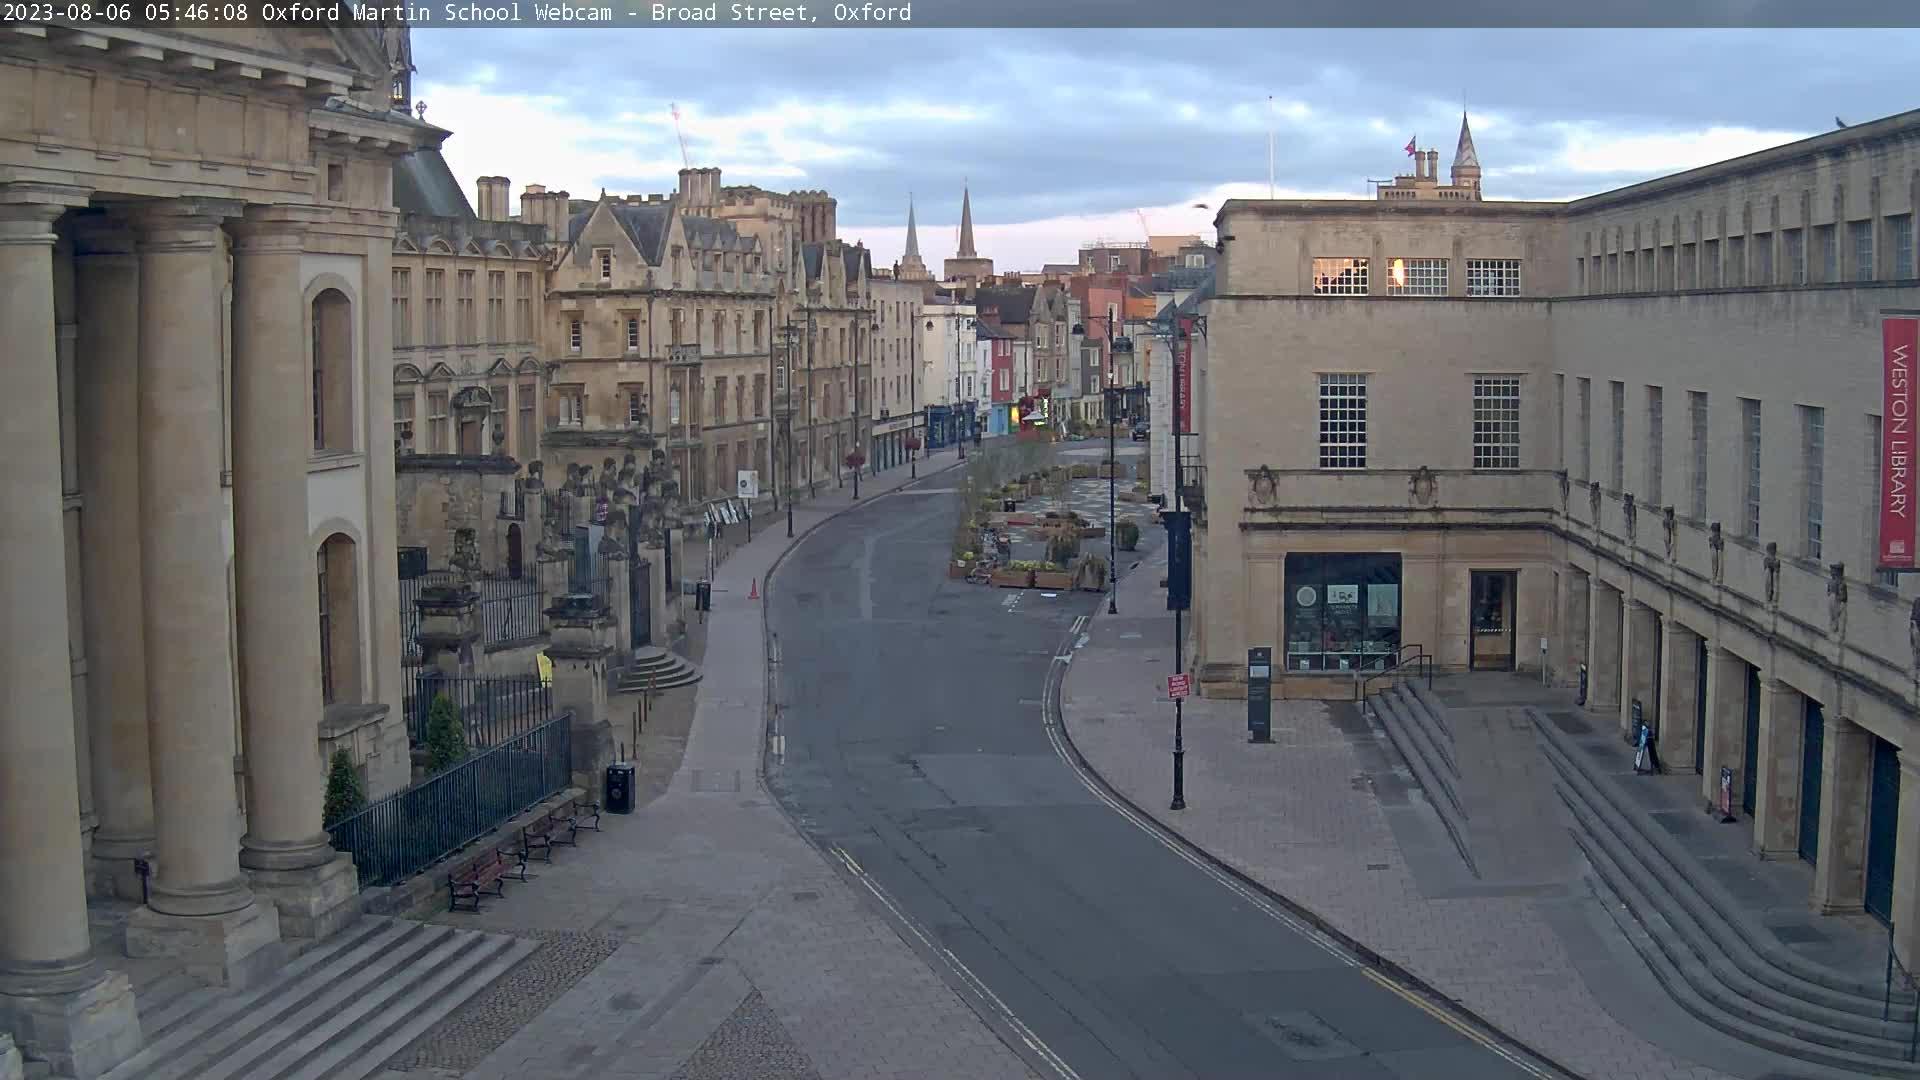 Oxford Sun. 05:46